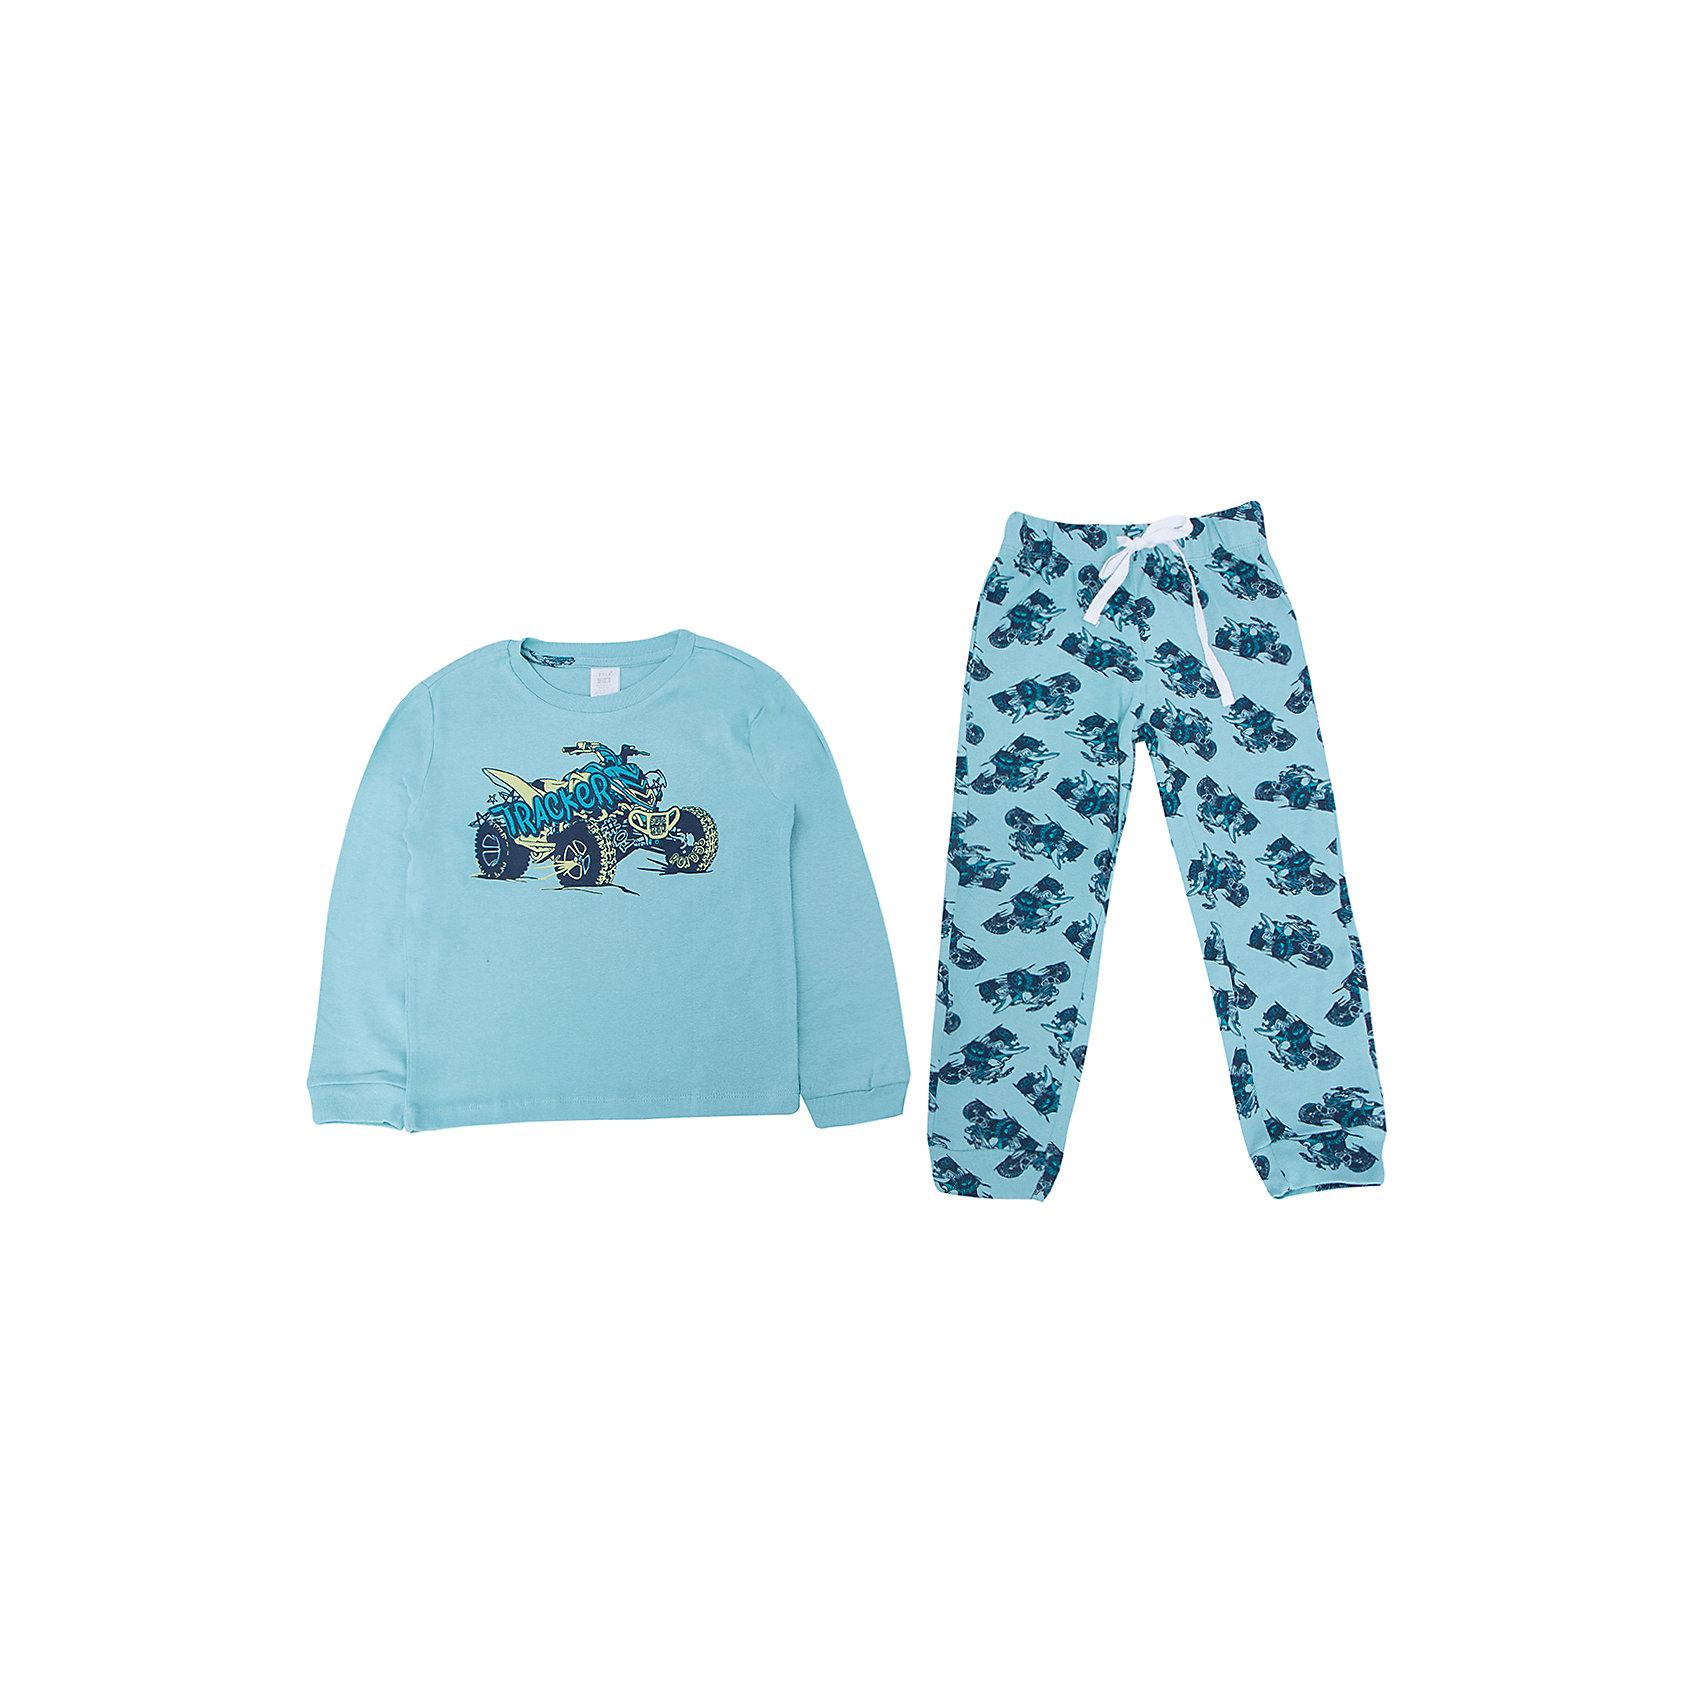 Пижама для мальчика SELAУдобная пижама - неотъемлемая составляющая комфортного сна ребенка. Эта модель отлично сидит на мальчике, она сшита из приятного на ощупь материала, мягкая и дышащая. Натуральный хлопок в составе ткани не вызывает аллергии и обеспечивает ребенку комфорт. В наборе - футболка с длинным рукавом и штаны, вещи украшены симпатичным принтом.<br>Одежда от бренда Sela (Села) - это качество по приемлемым ценам. Многие российские родители уже оценили преимущества продукции этой компании и всё чаще приобретают одежду и аксессуары Sela.<br><br>Дополнительная информация:<br><br>цвет: разноцветный;<br>материал: 100% хлопок;<br>принт;<br>трикотаж.<br><br>Пижаму для мальчика от бренда Sela можно купить в нашем интернет-магазине.<br><br>Ширина мм: 281<br>Глубина мм: 70<br>Высота мм: 188<br>Вес г: 295<br>Цвет: зеленый<br>Возраст от месяцев: 120<br>Возраст до месяцев: 132<br>Пол: Мужской<br>Возраст: Детский<br>Размер: 140/146,128/134,116/122,104/110,92/98<br>SKU: 5020262